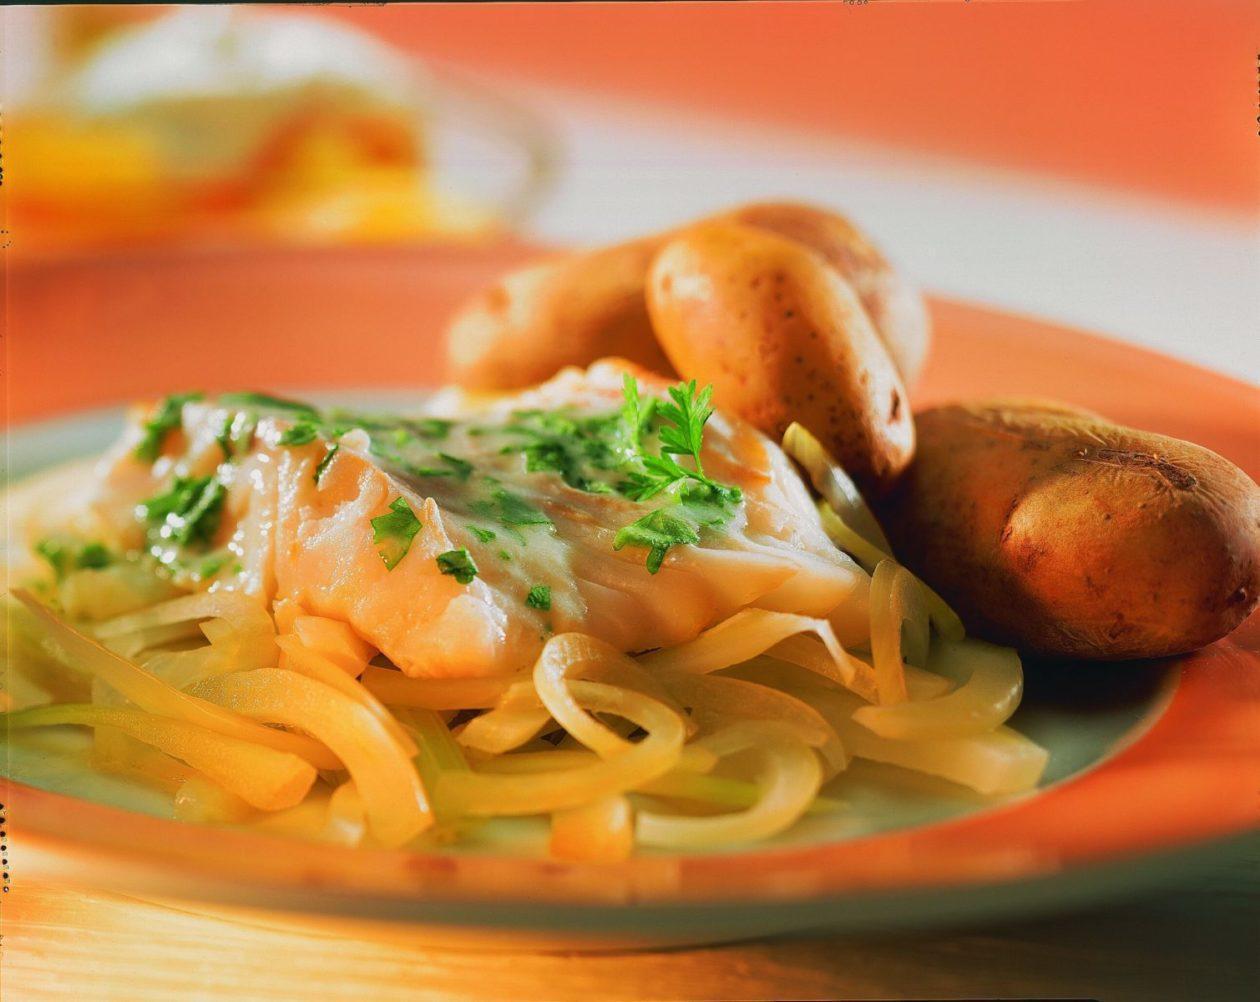 Kabeljaufilet auf Fenchel - BCM Diät Rezepte.de